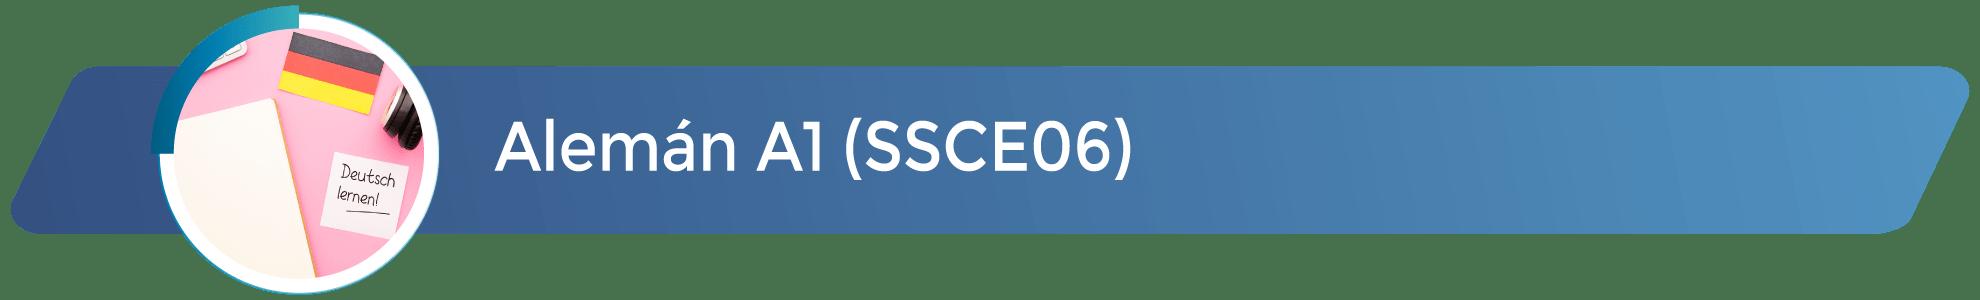 SSCE06 - Alemán A1